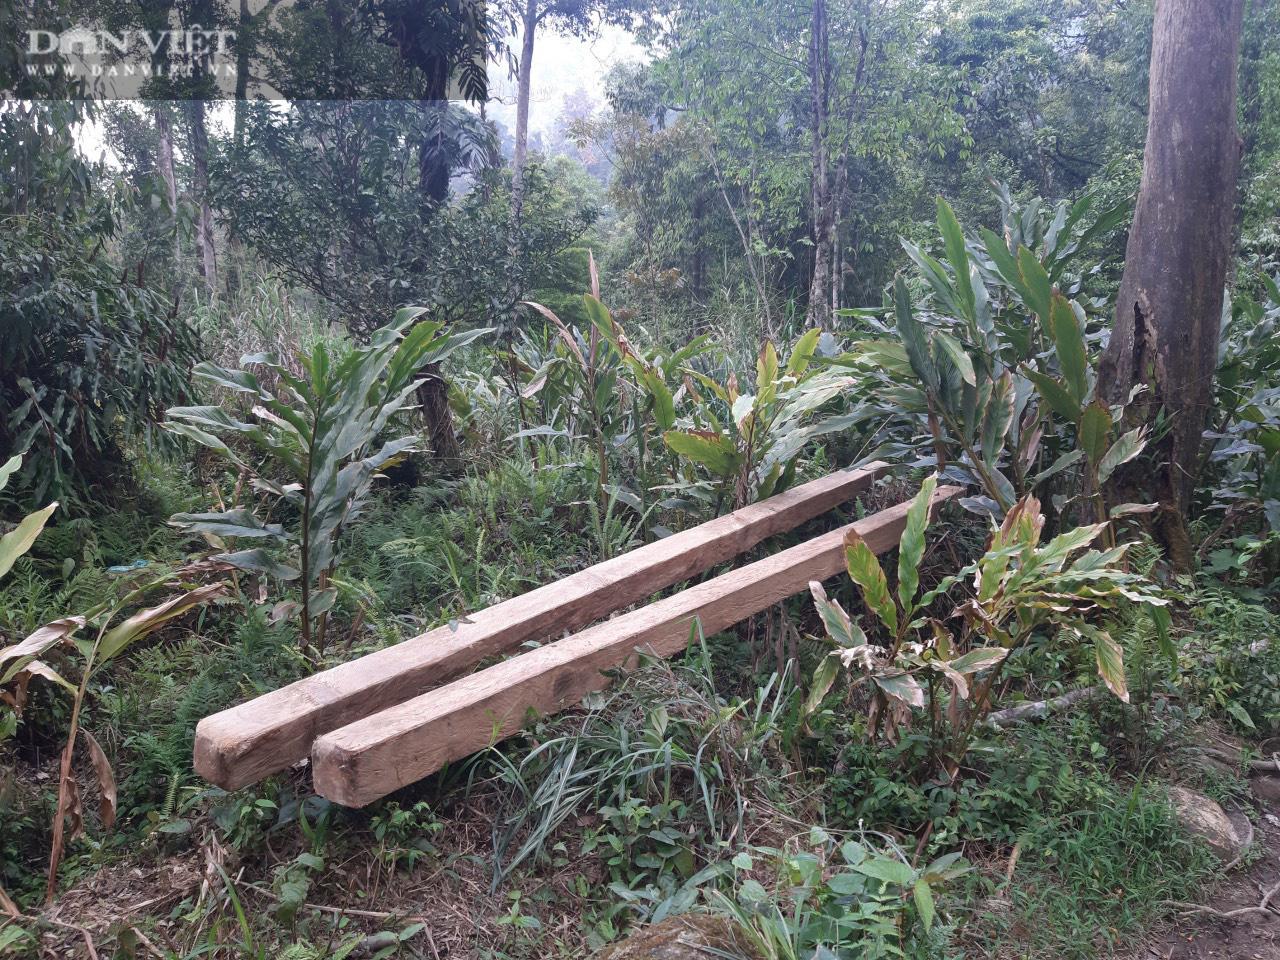 Tỉnh Lào Cai yêu cầu Kiểm điểm, làm rõ trách nhiệm cá nhân có liên quan vụ phá rừng pơ mu VQG Hoàng Liên - Ảnh 5.